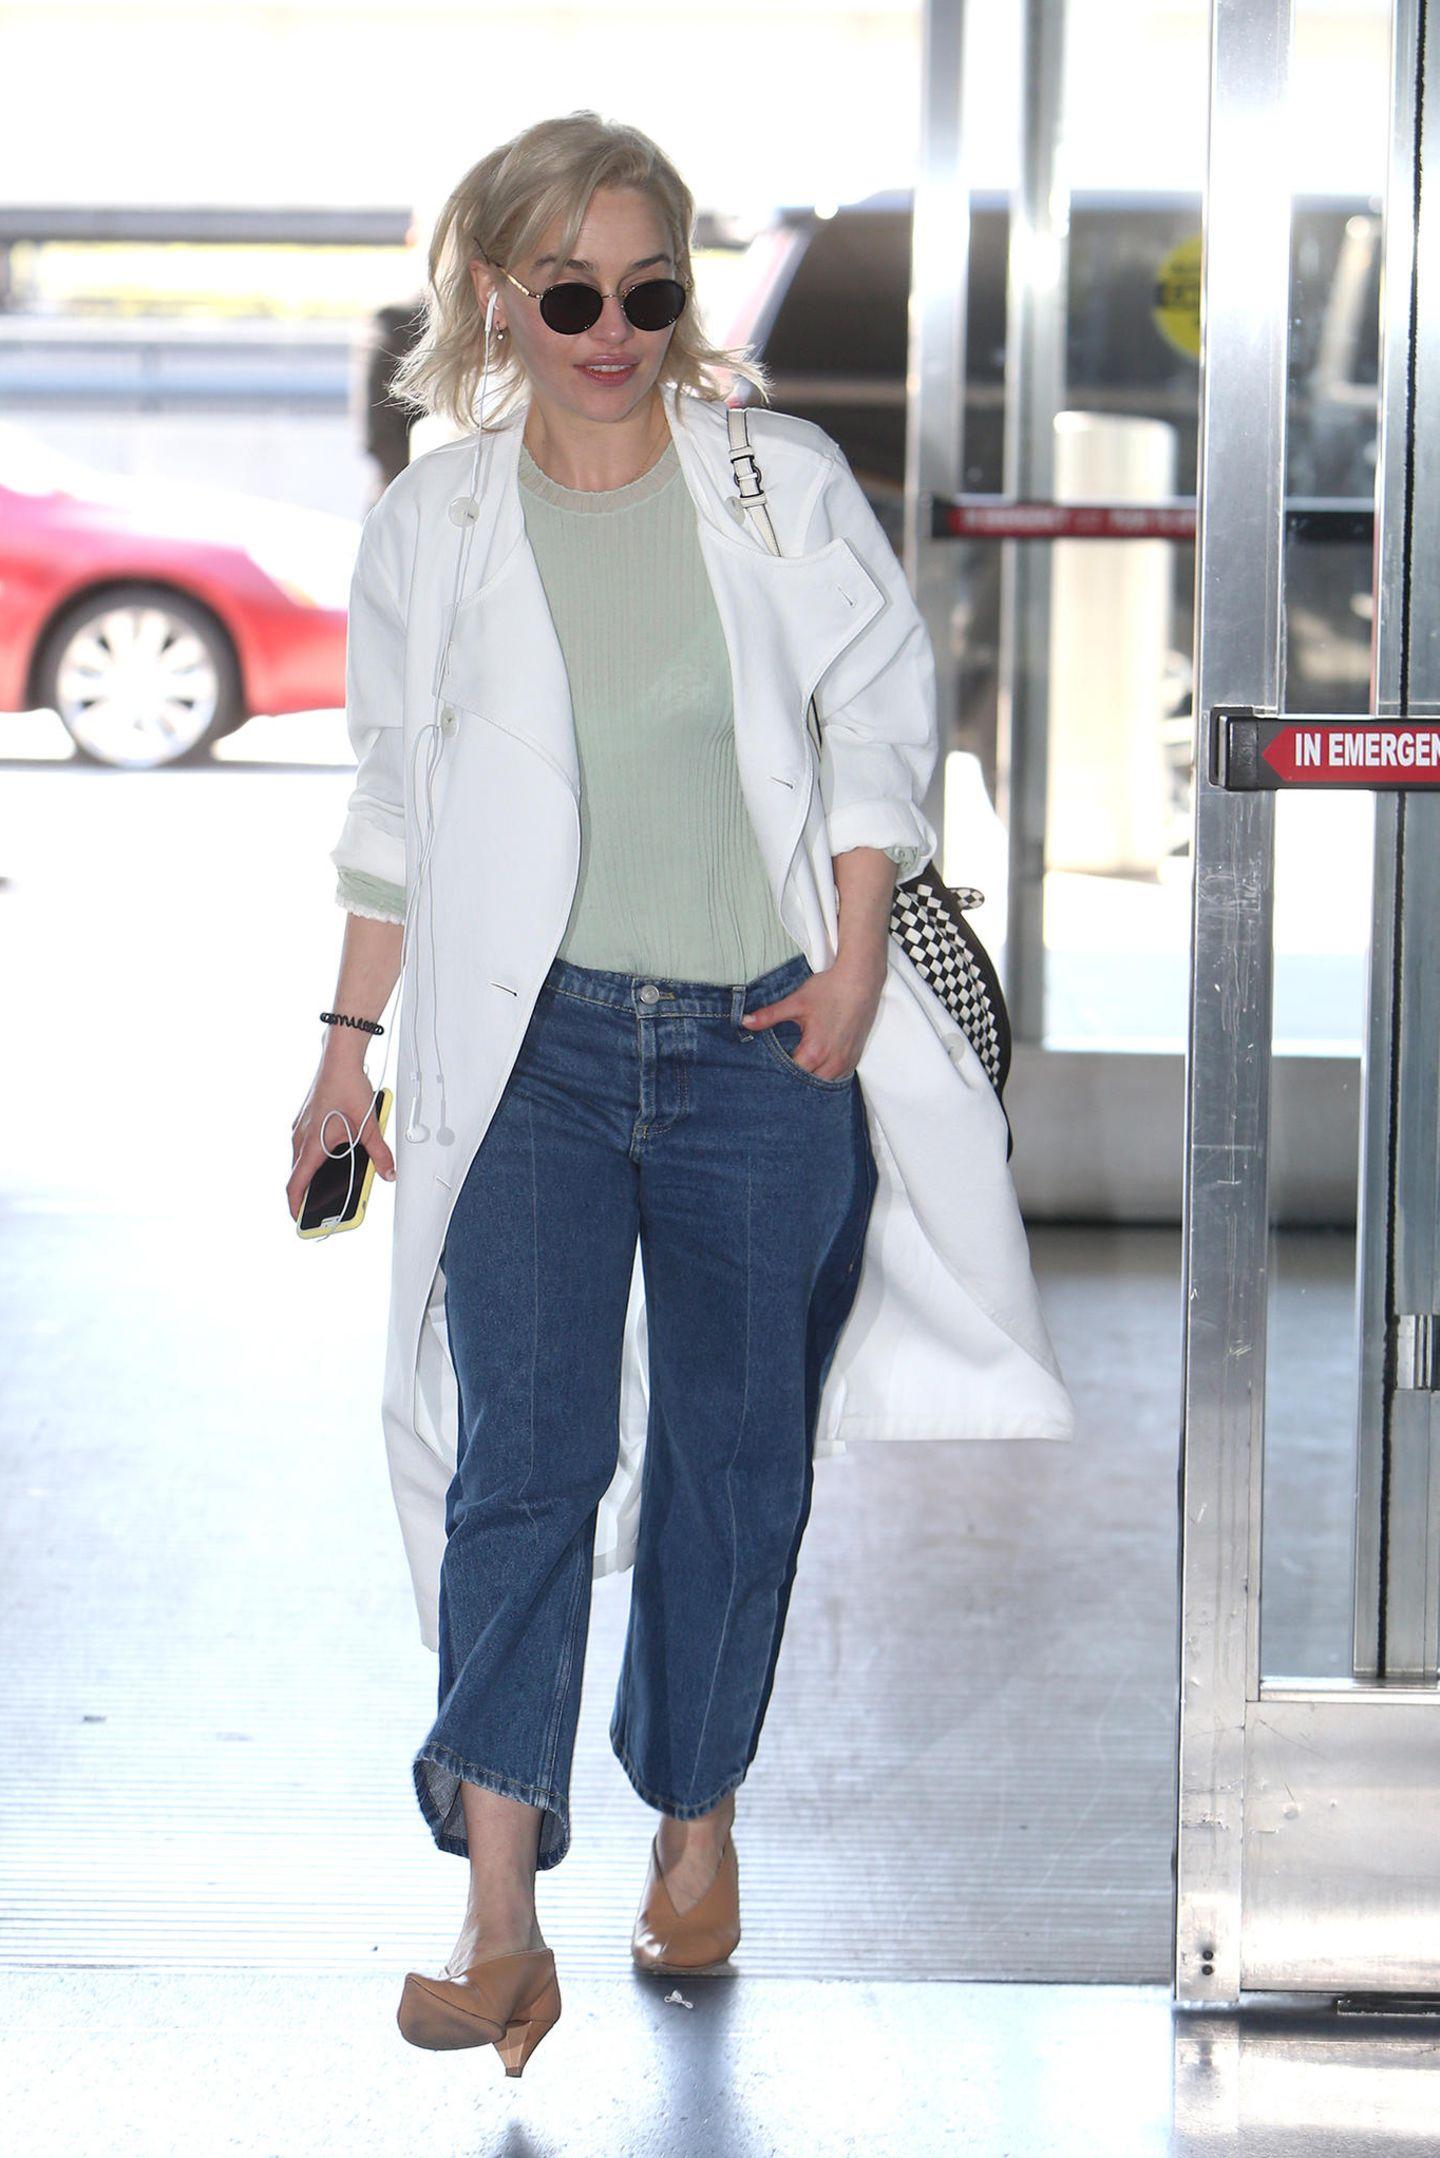 """Entspannt schlendert """"Game of Thrones""""-Star Emilia Clarke amNew Yorker Flughafen entlang. In weiter Jeans und bequemem Pulli lässt es sich doch super fliegen! Ach ja, die obligatorische Sonnenbrille darf natürlich auch nicht fehlen."""